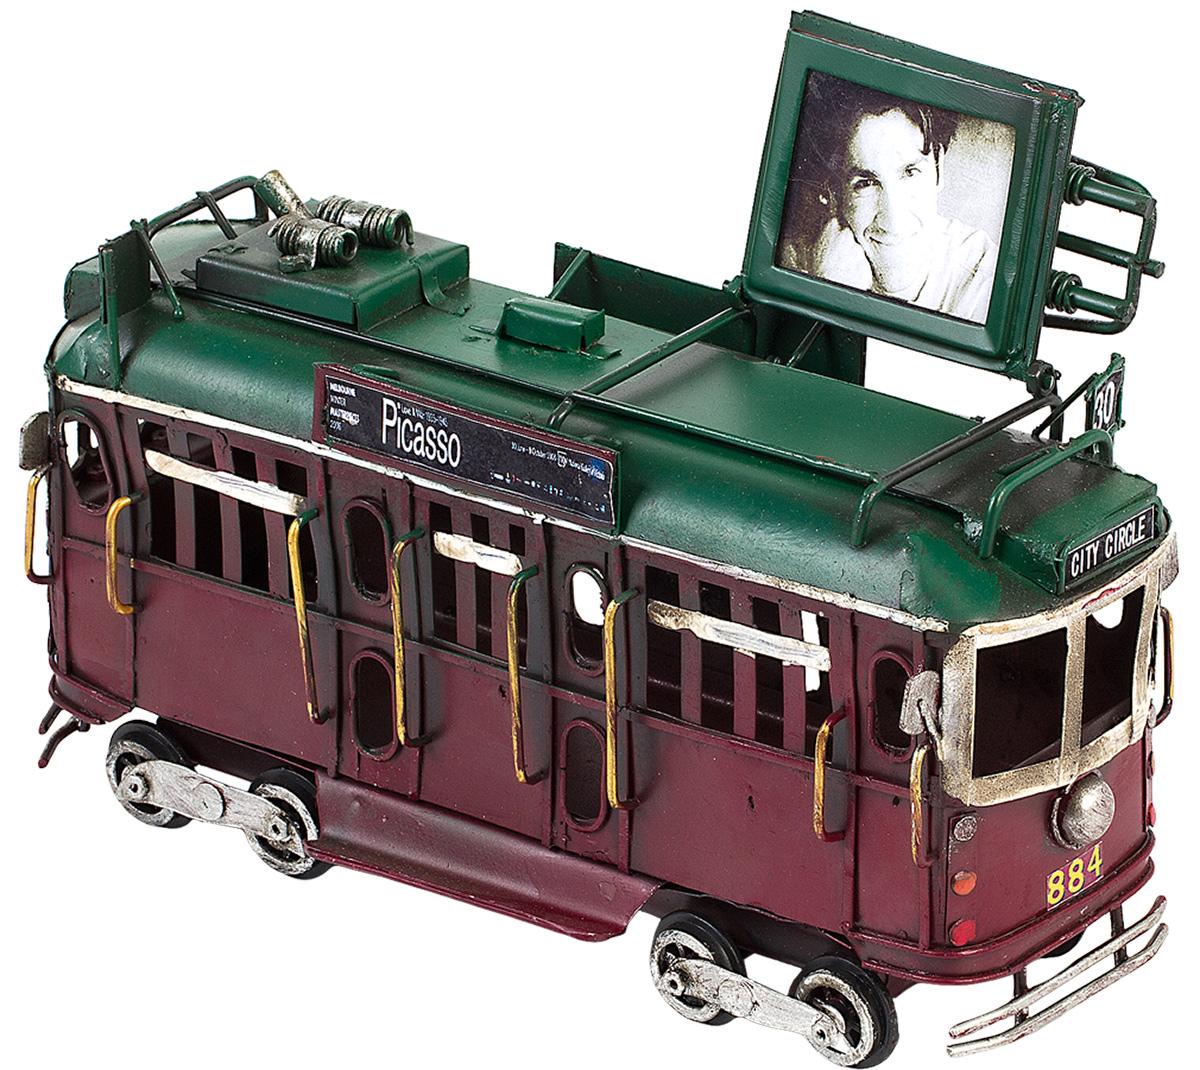 Модель Platinum Трамвай, с фоторамкой. 1404E-43621404E-4362Модель Platinum Трамвай, выполненная из металла, станет оригинальным украшением интерьера. Вы можете поставить ретро-модель в любом месте, где она будет удачно смотреться. Изделие дополнено фоторамкой, куда вы можете вставить вашу любимую фотографию. Качество исполнения, точные детали и оригинальный дизайн выделяют эту модель среди ряда подобных. Модель займет достойное место в вашей коллекции, а также приятно удивит получателя в качестве стильного сувенира.